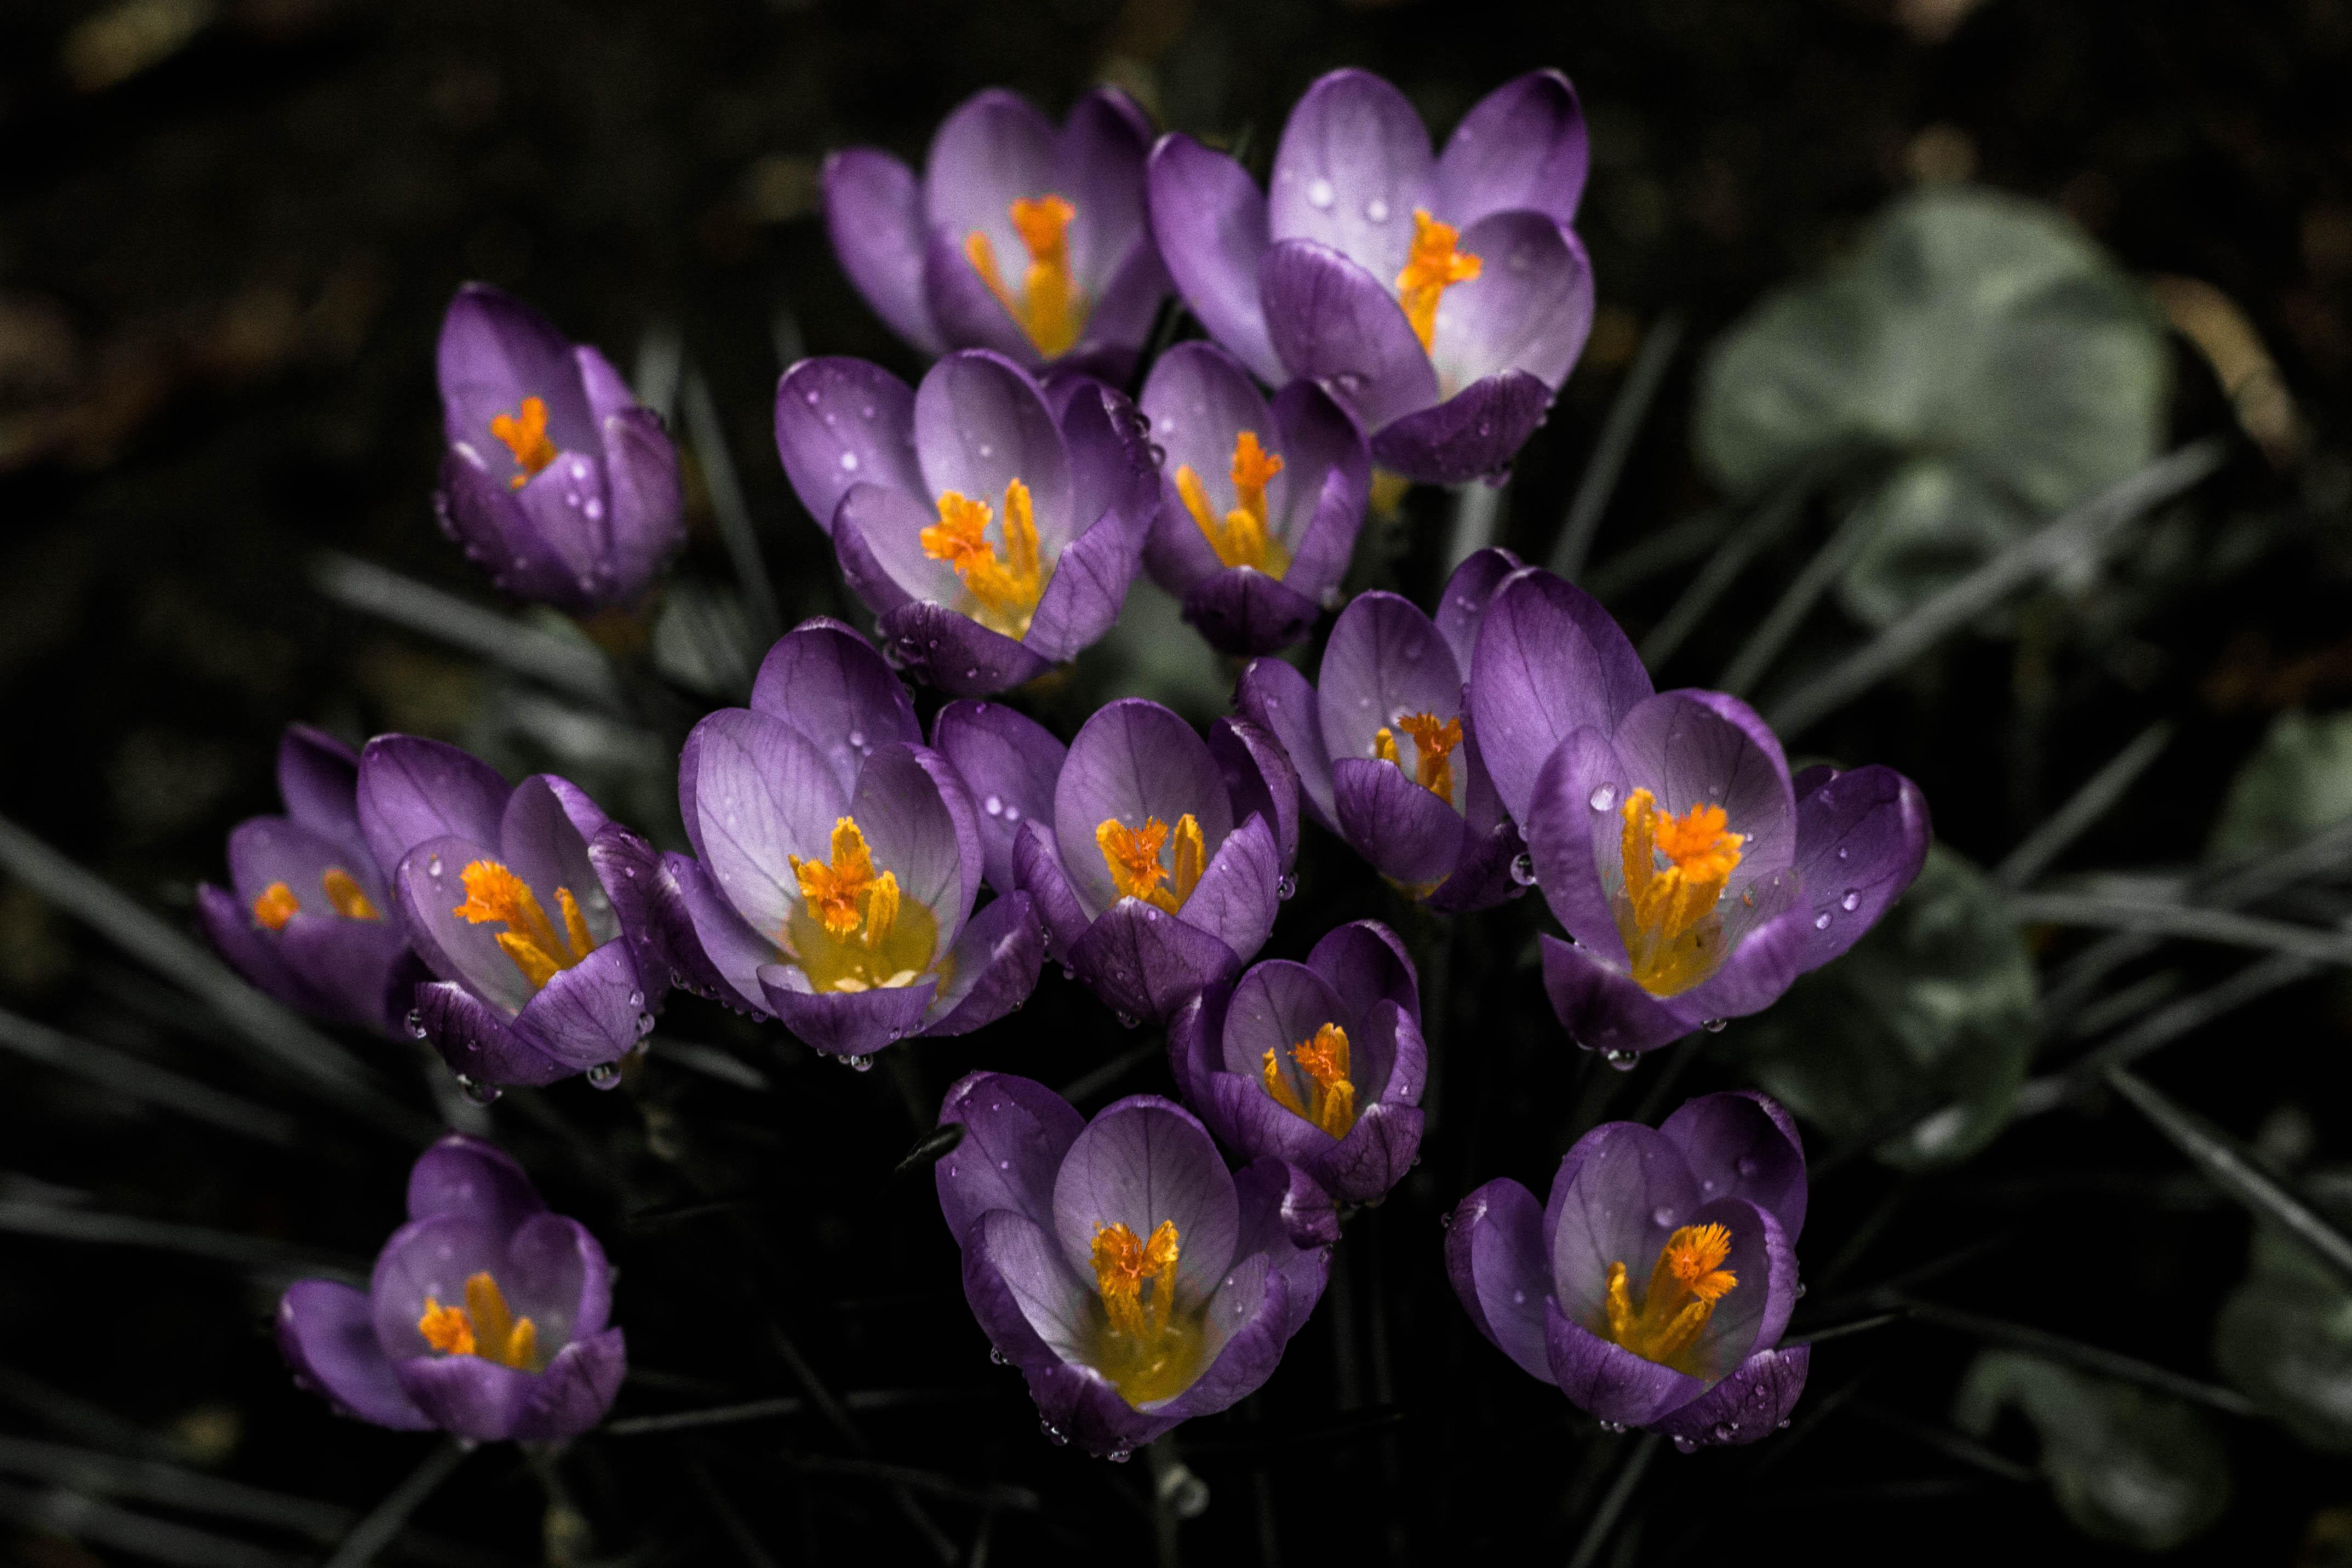 98060 Заставки и Обои Подснежники на телефон. Скачать Цветы, Подснежники, Фиолетовый, Весна картинки бесплатно